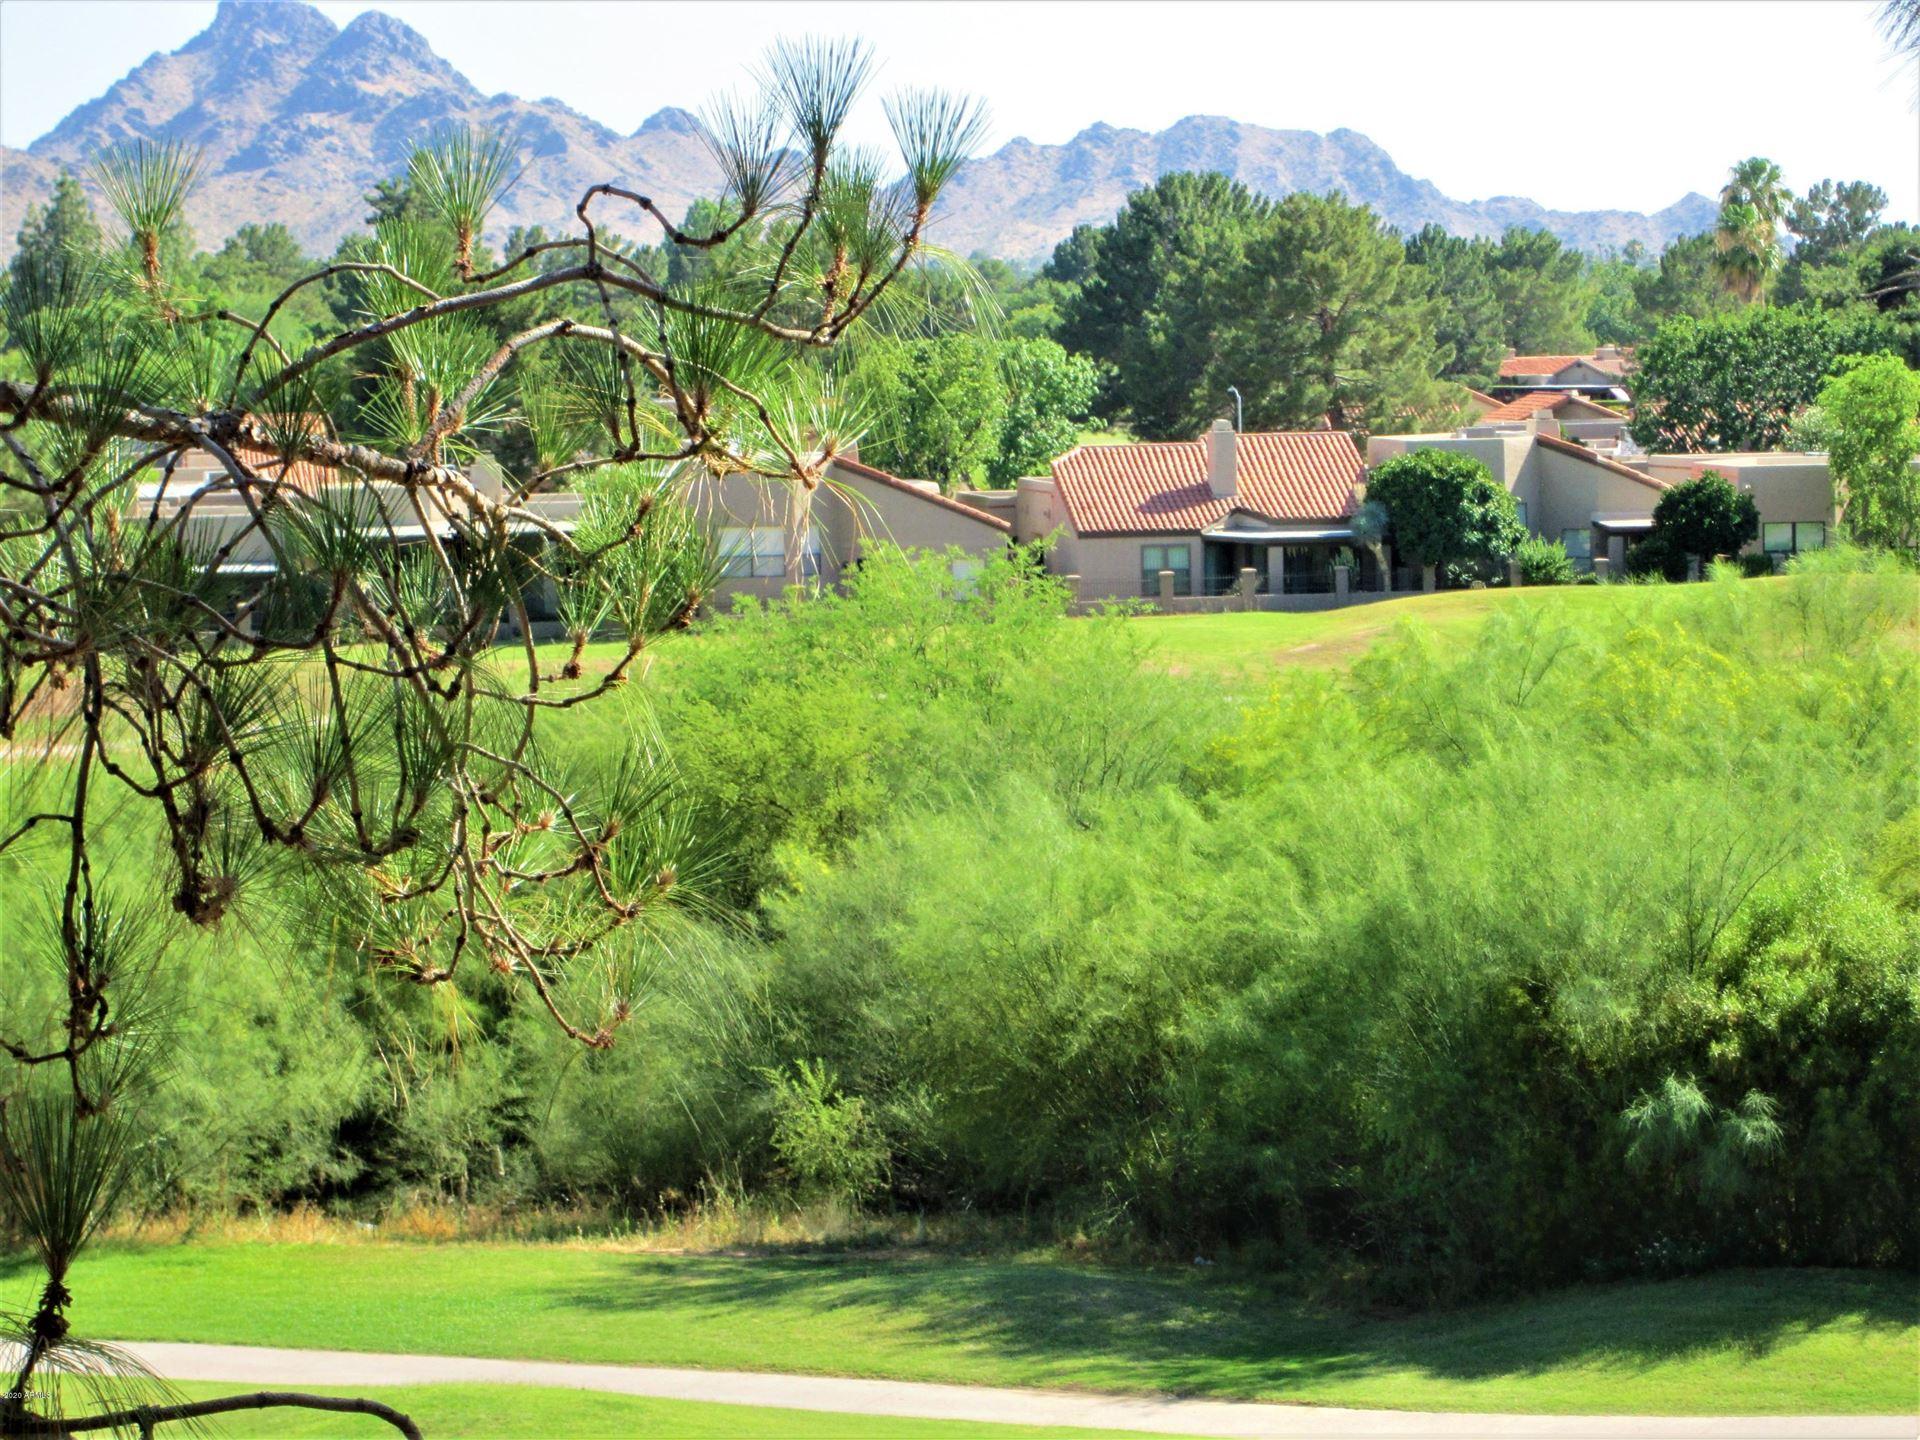 4303 E CACTUS Road #424, Phoenix, AZ 85032 - MLS#: 6109313